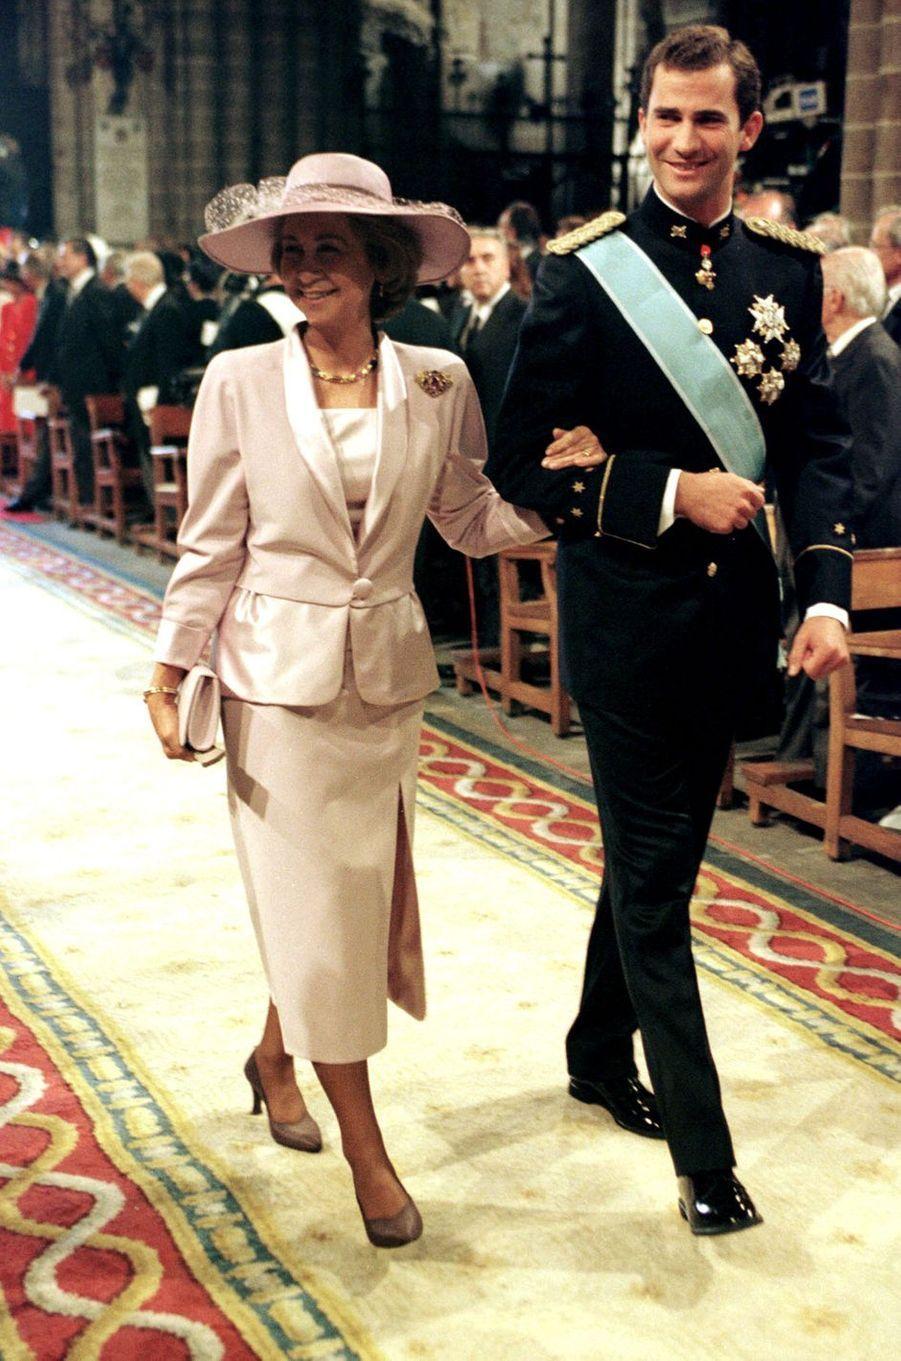 La reine Sofia d'Espagne et son fils le prince Felipe au mariage de l'infante Cristina d'Espagne et de Inaki Urdangarin, à Barcelone le 4 octobre 1997